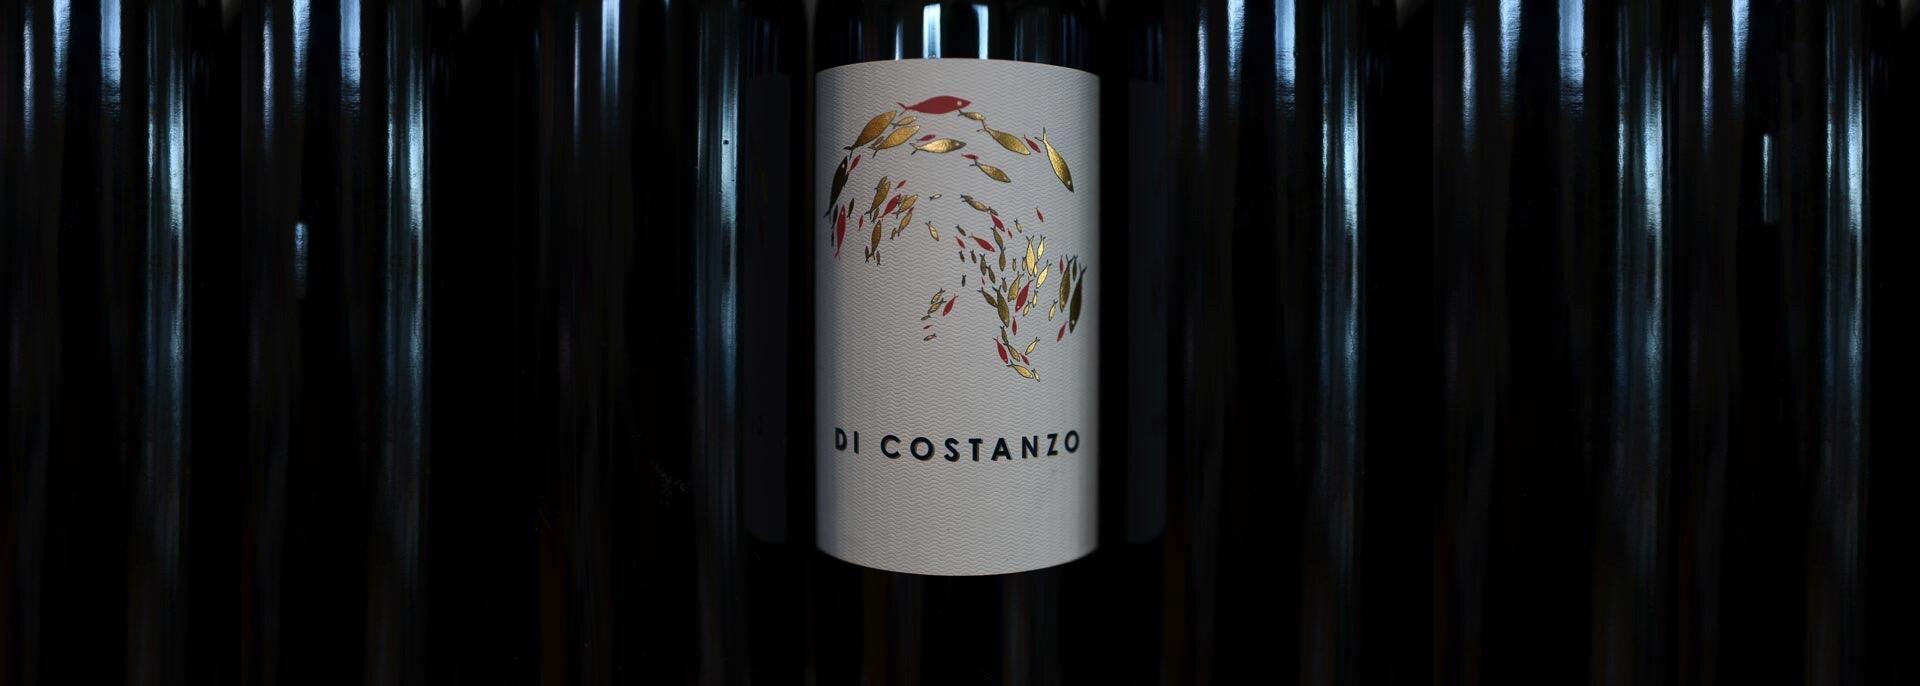 Di Costanzo Wines Cover Image